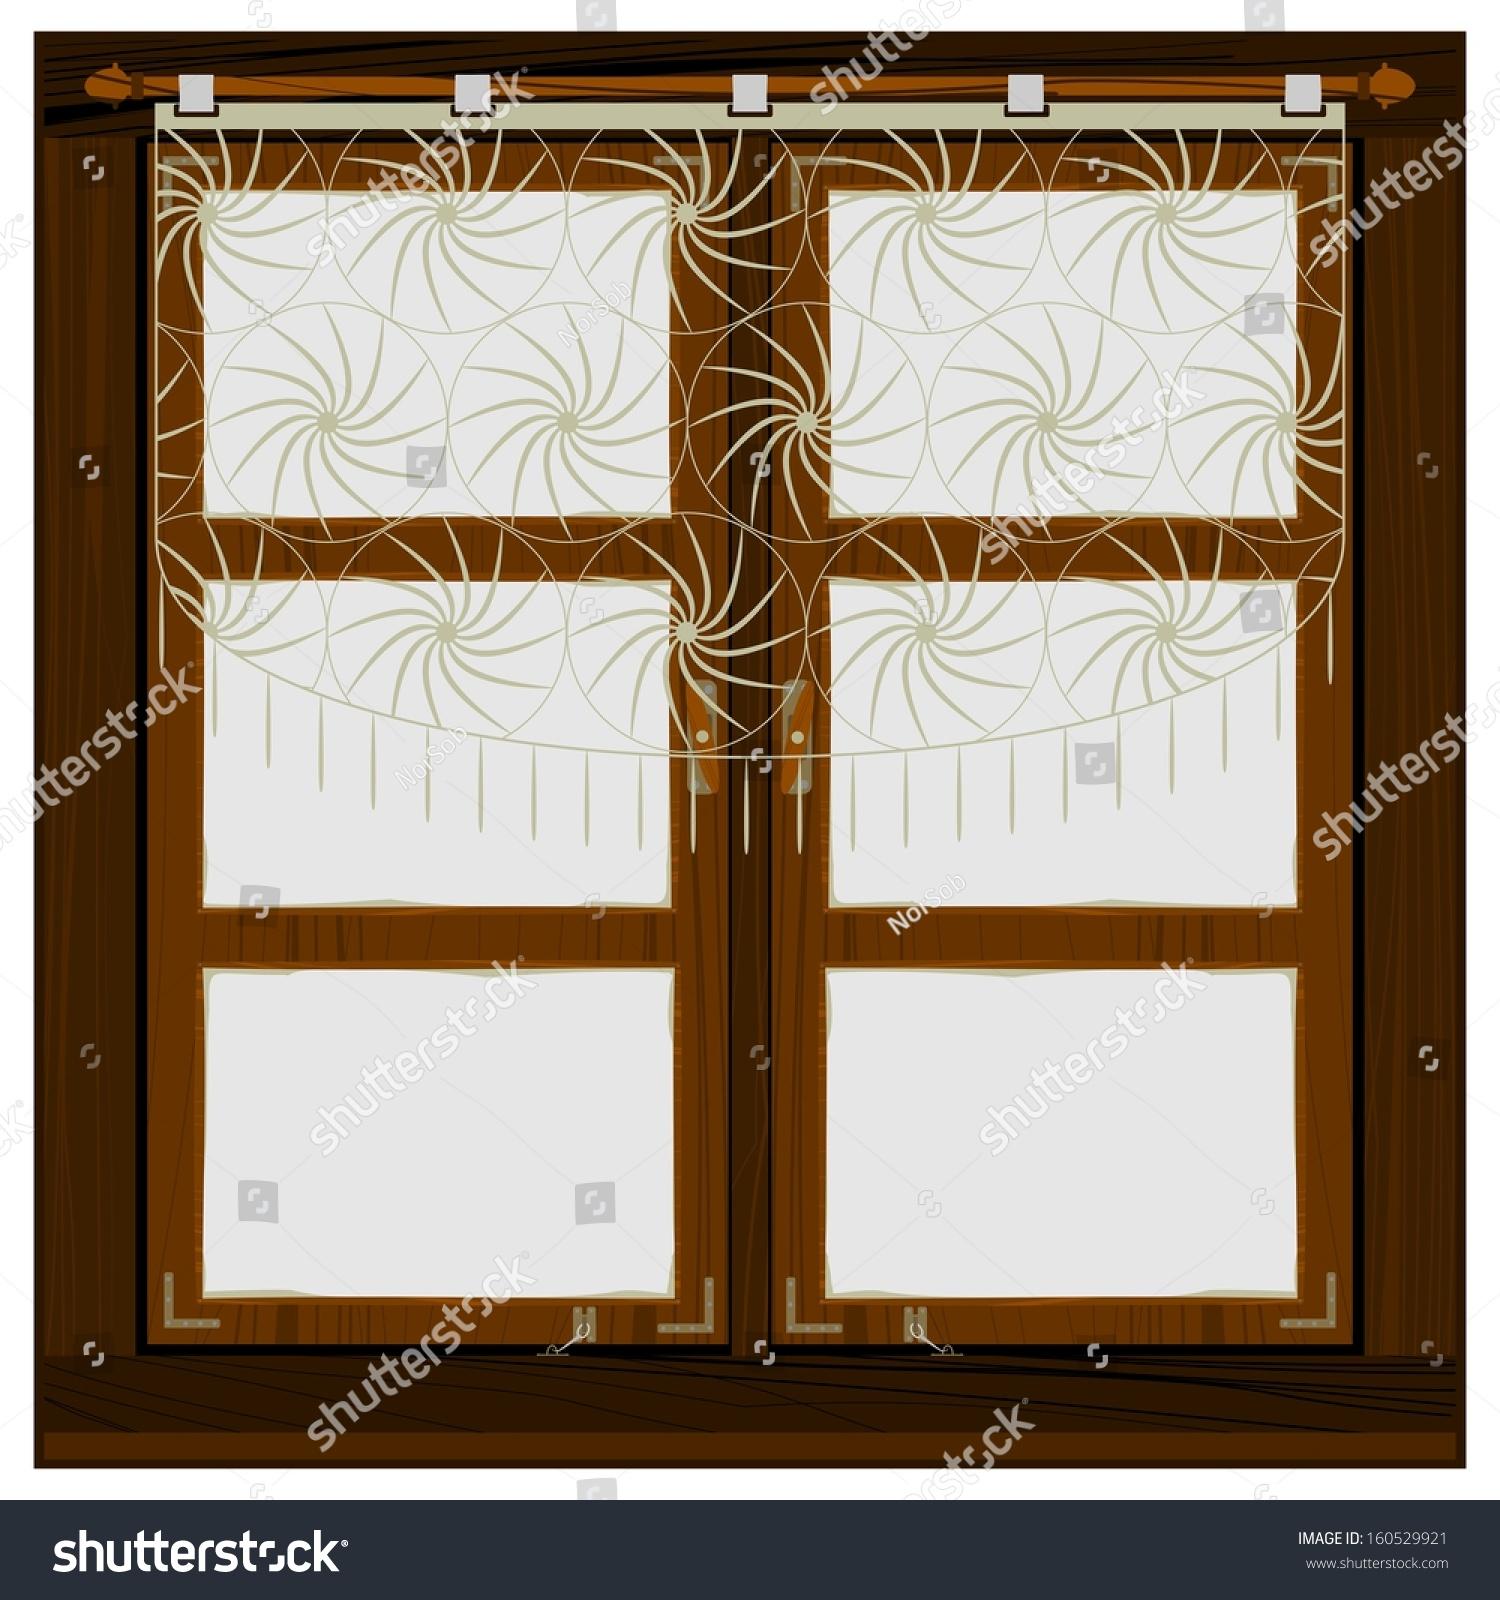 老木窗户窗帘在白色的背景.容易把任何墙在你的设计